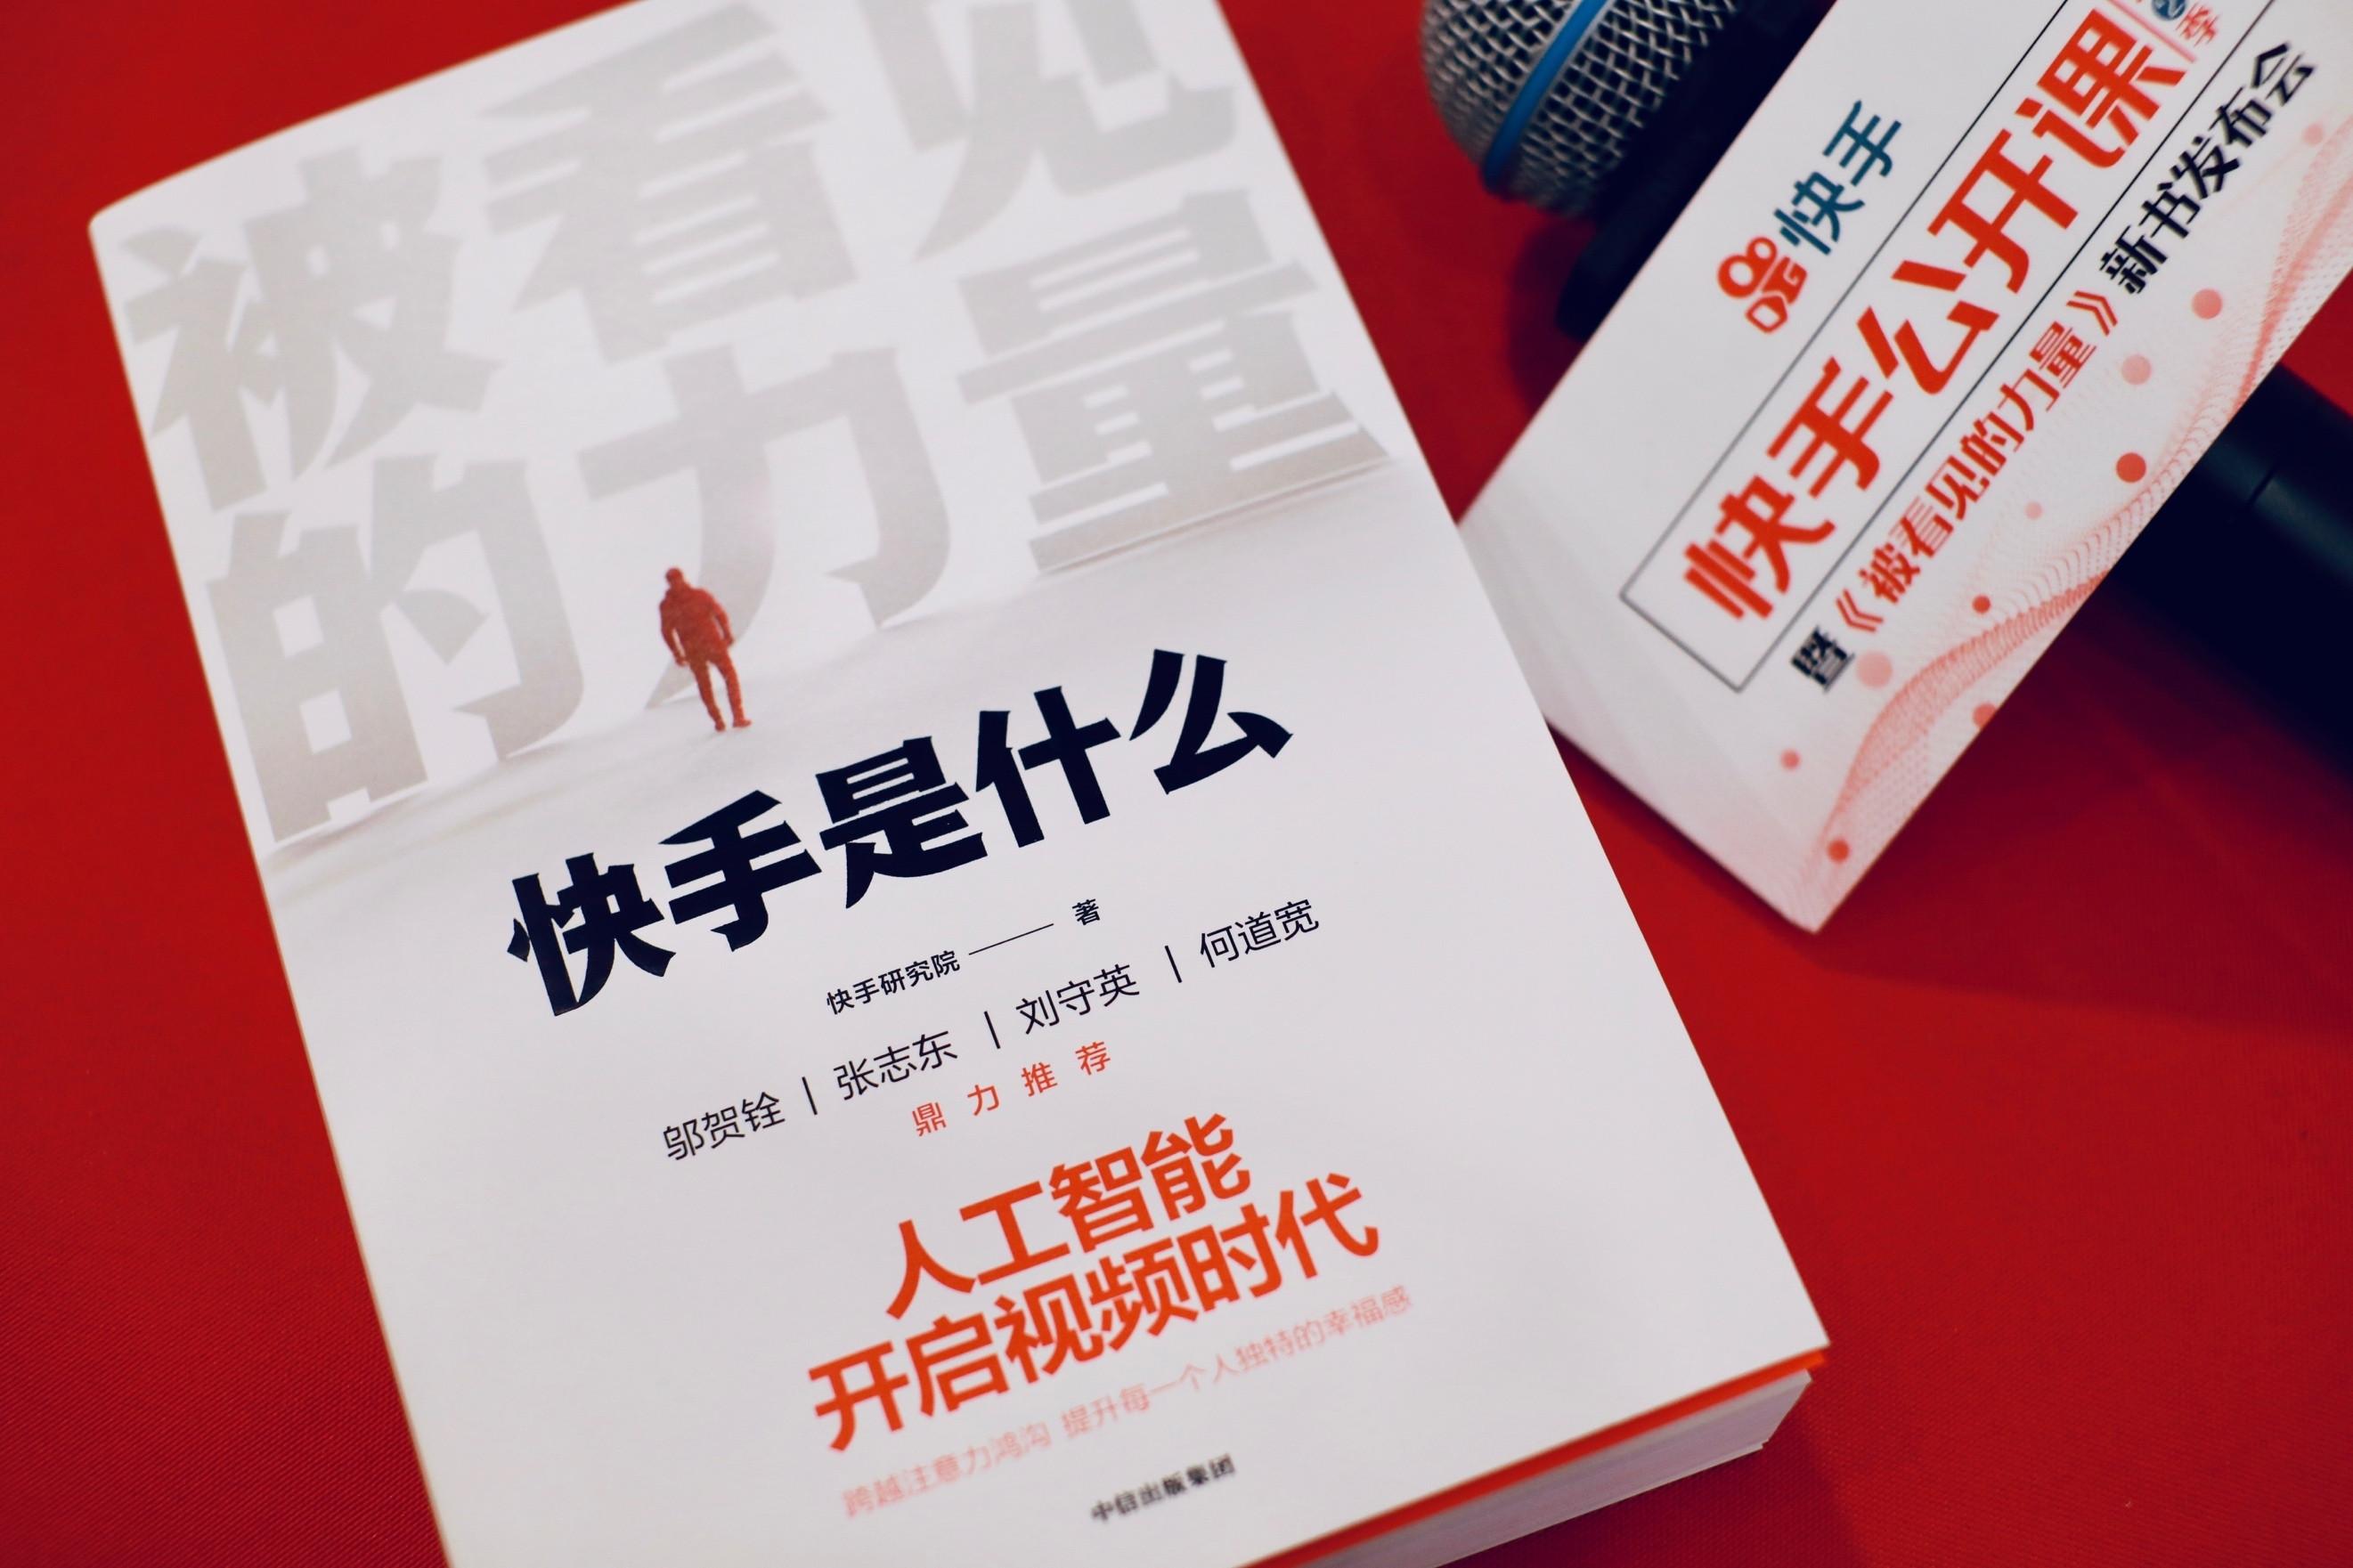 快手发布第一本官方图书《被看见的力量——快手是什么》